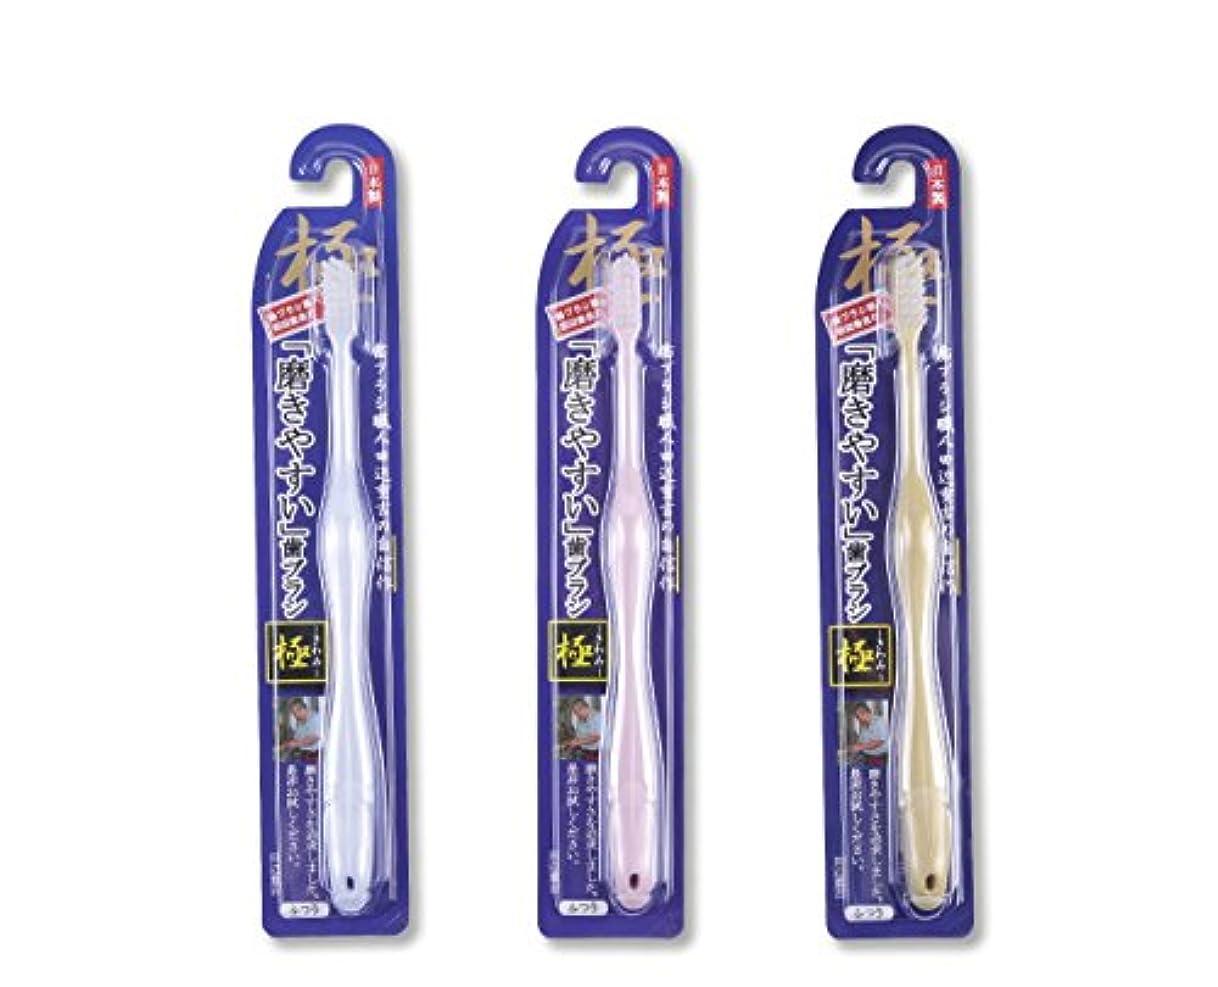 学生甲虫未満歯ブラシ職人Artooth ® 田辺重吉の磨きやすい歯ブラシ 極 LT-09 (3本入)